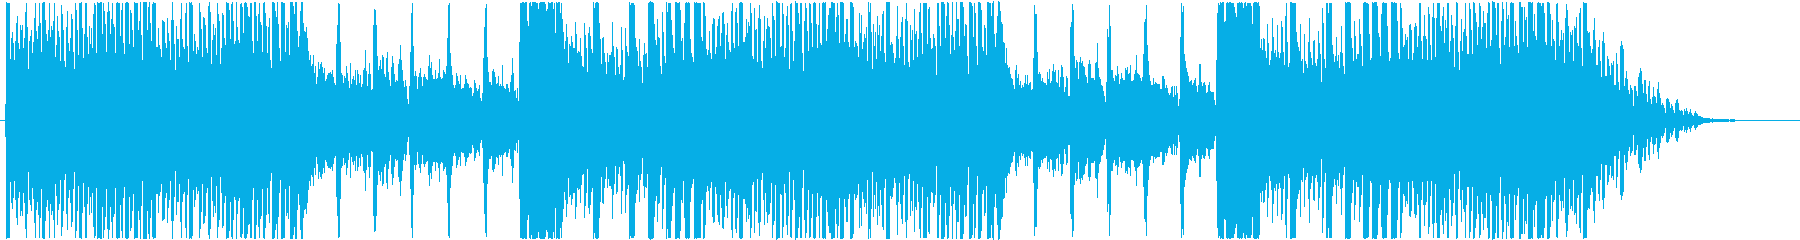 ドワーフ/鍛冶/民族/金属/怖いの再生済みの波形